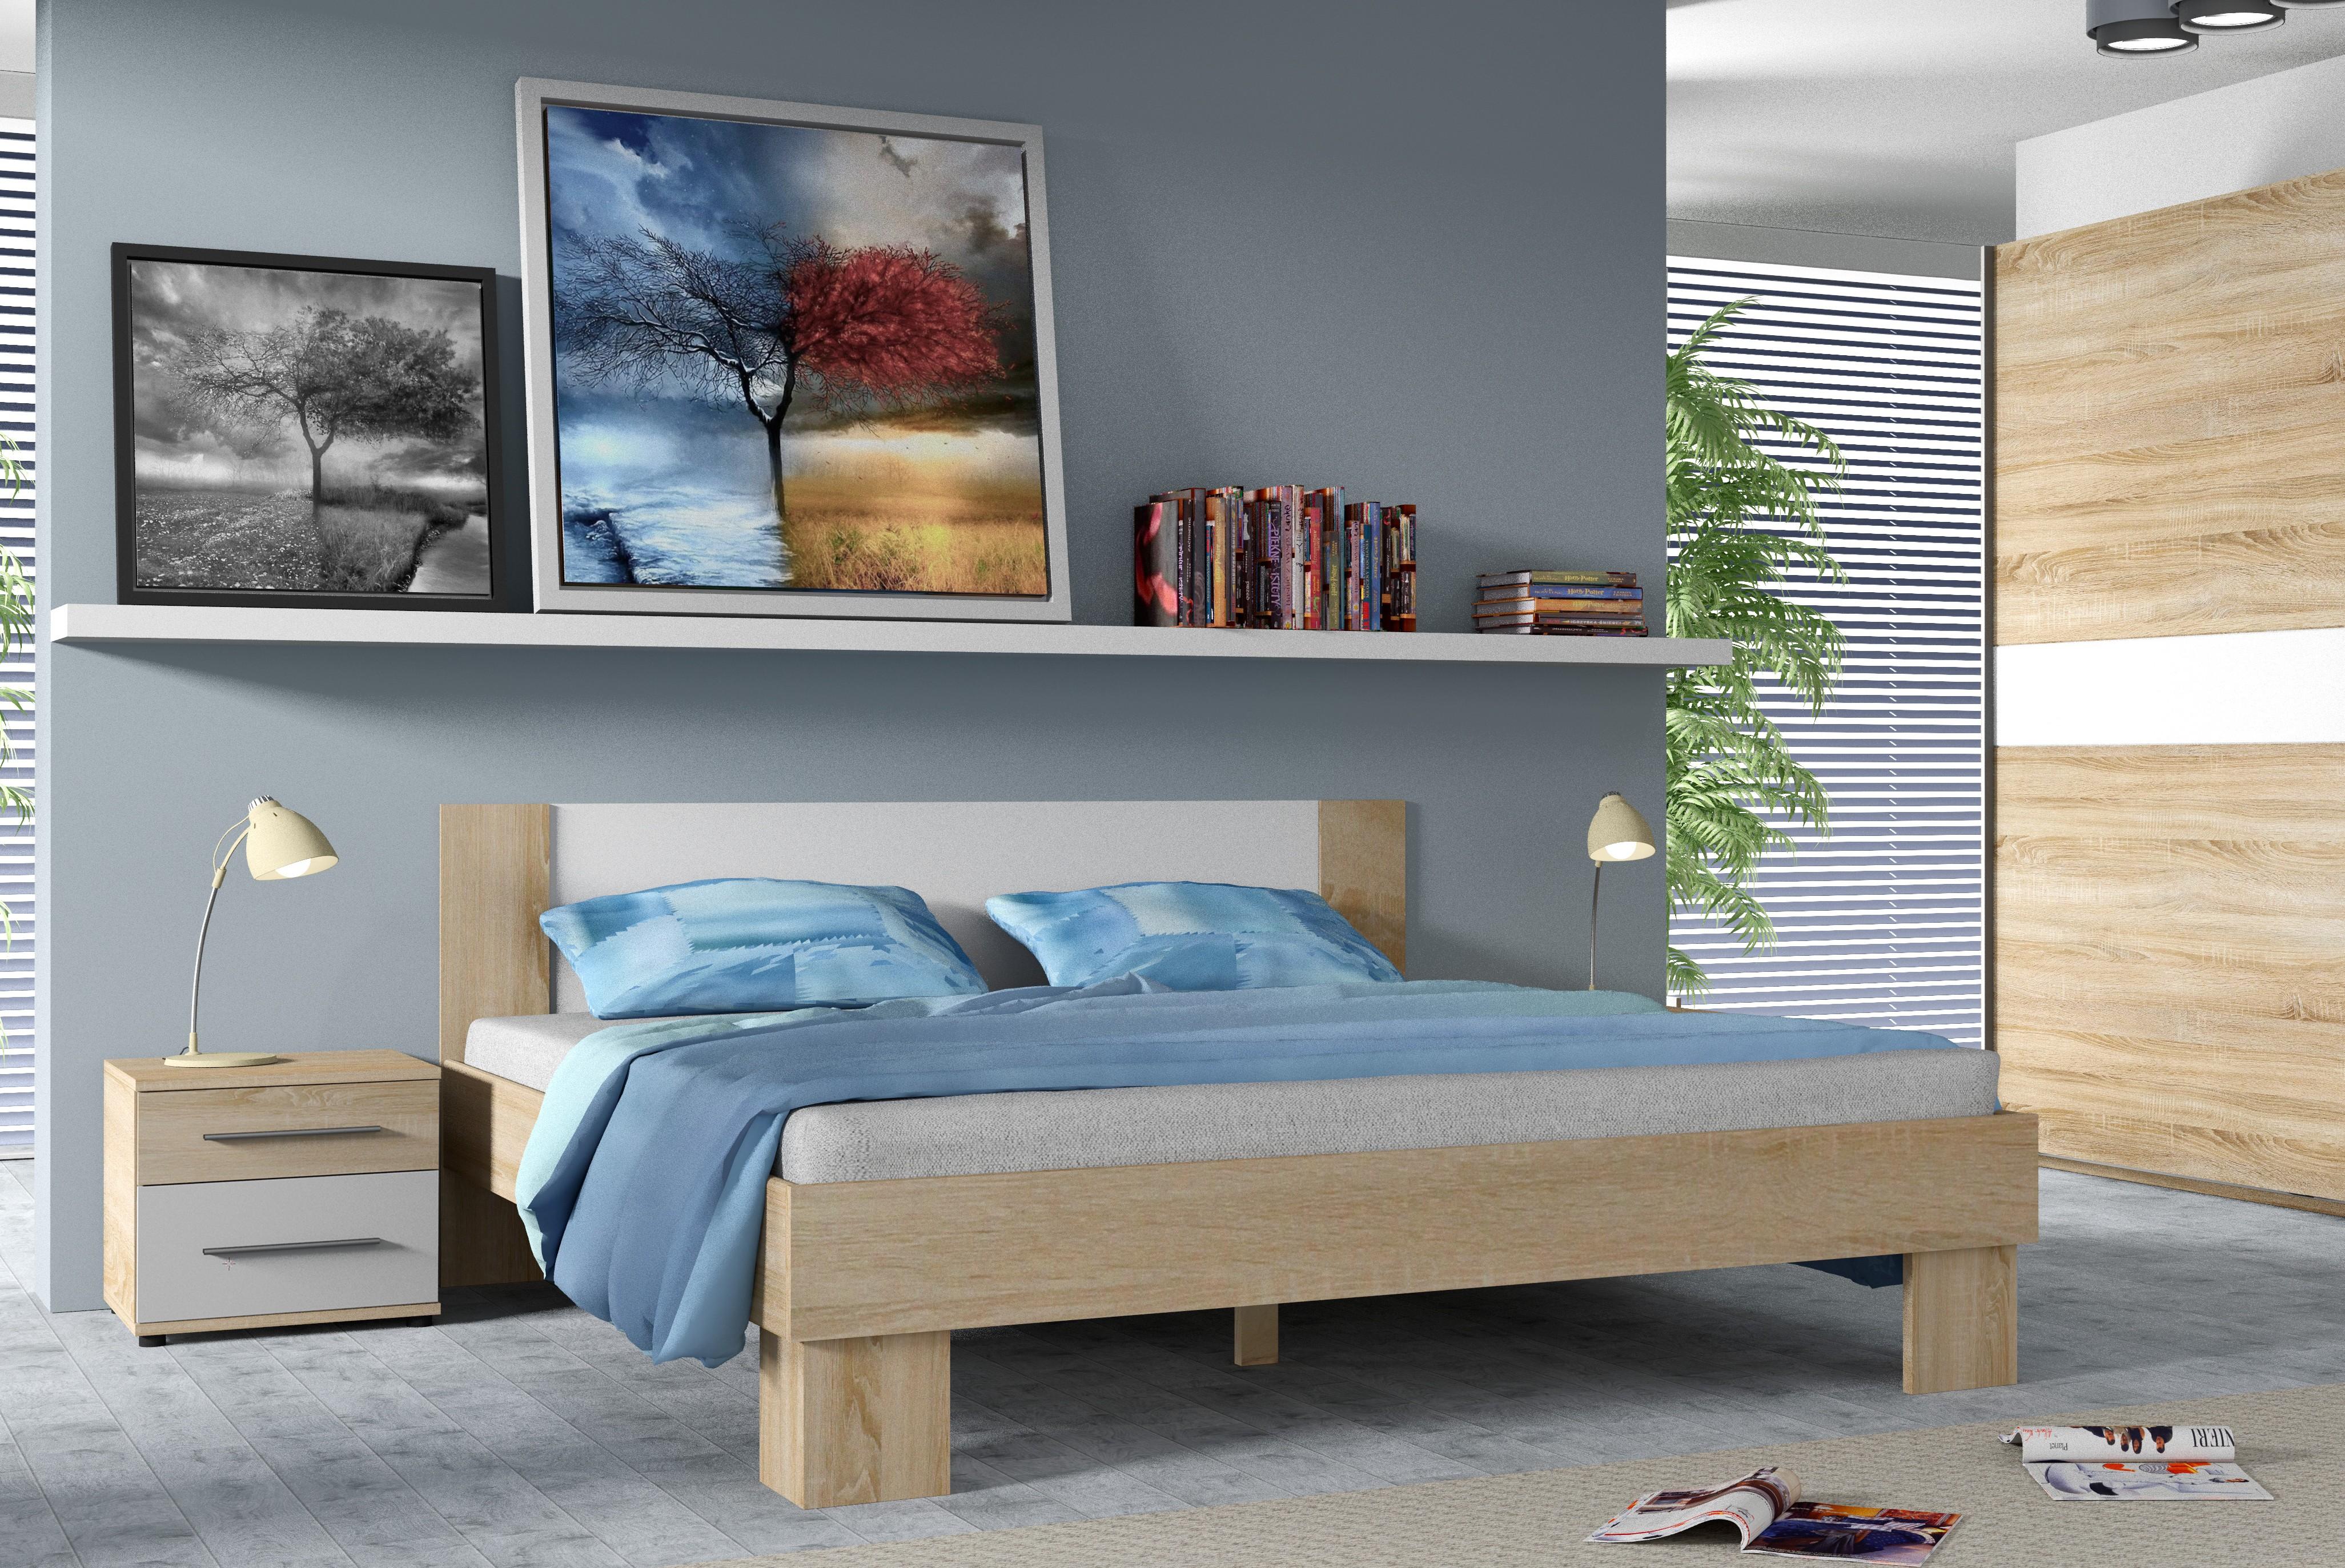 Manželská postel COLORADO, 160x200, dub Sonoma/bílá